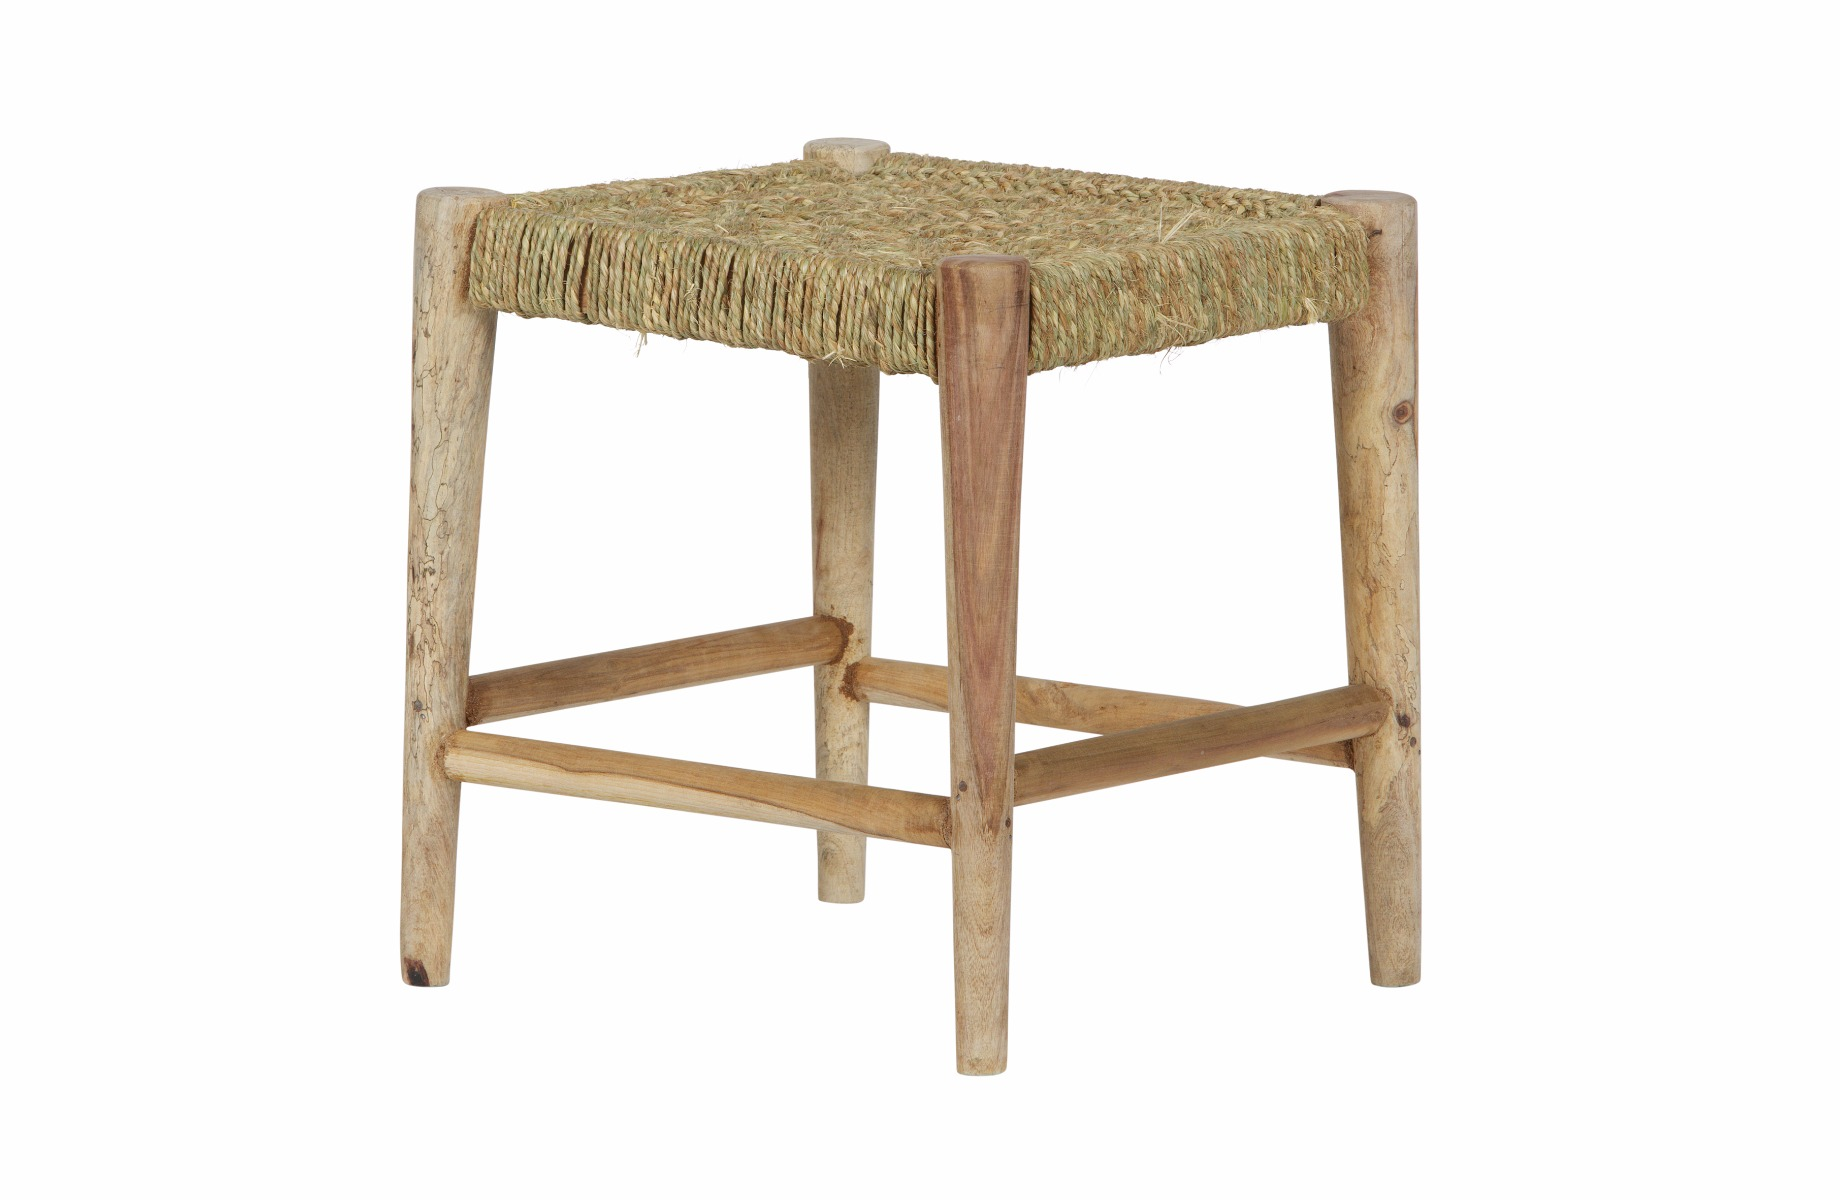 Afbeelding van Bepurehome kruk wicker hout naturel